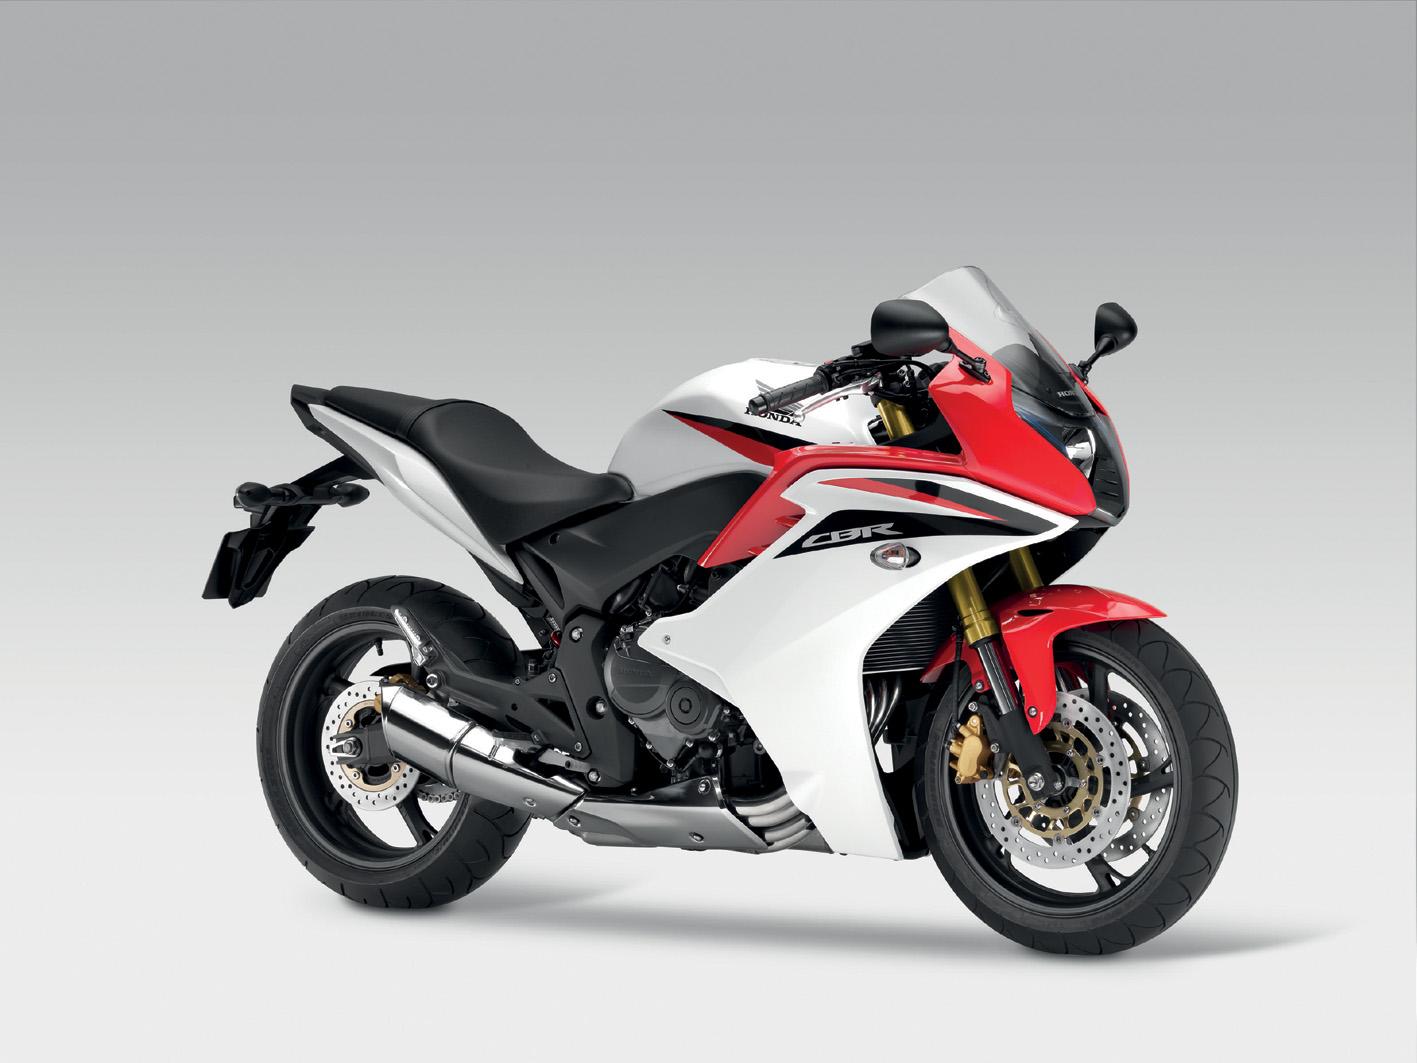 Fpfs Motos Cbr 600 F